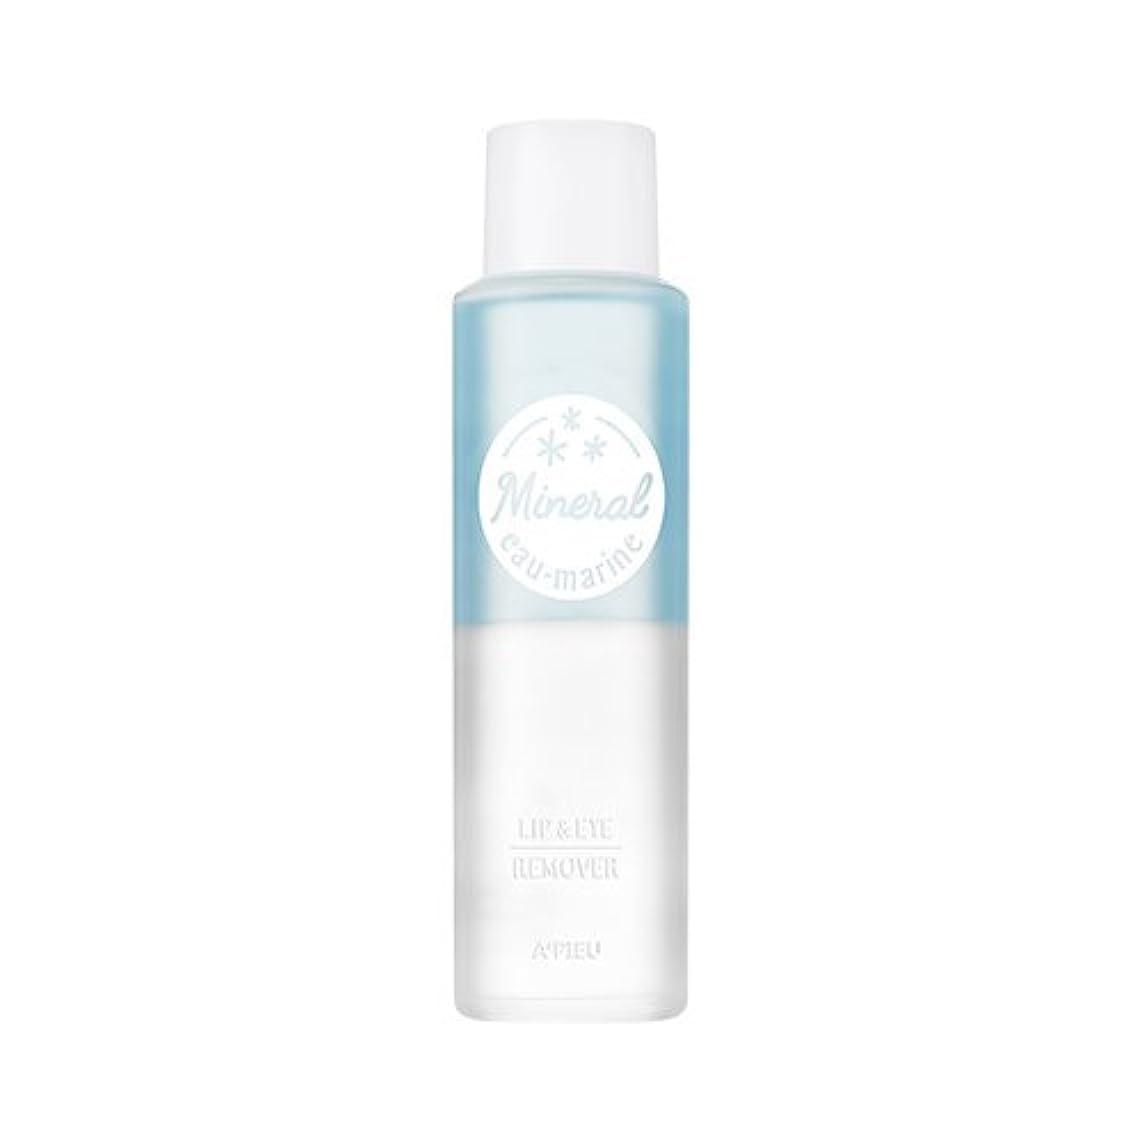 球状解凍する、雪解け、霜解け爆風APIEU Mineral Lip and Eye Make Up Remover 250ml (eau-marine) / アピュ ミネラル リップ?アイ メイクアップ リムーバー(大容量) [並行輸入品]